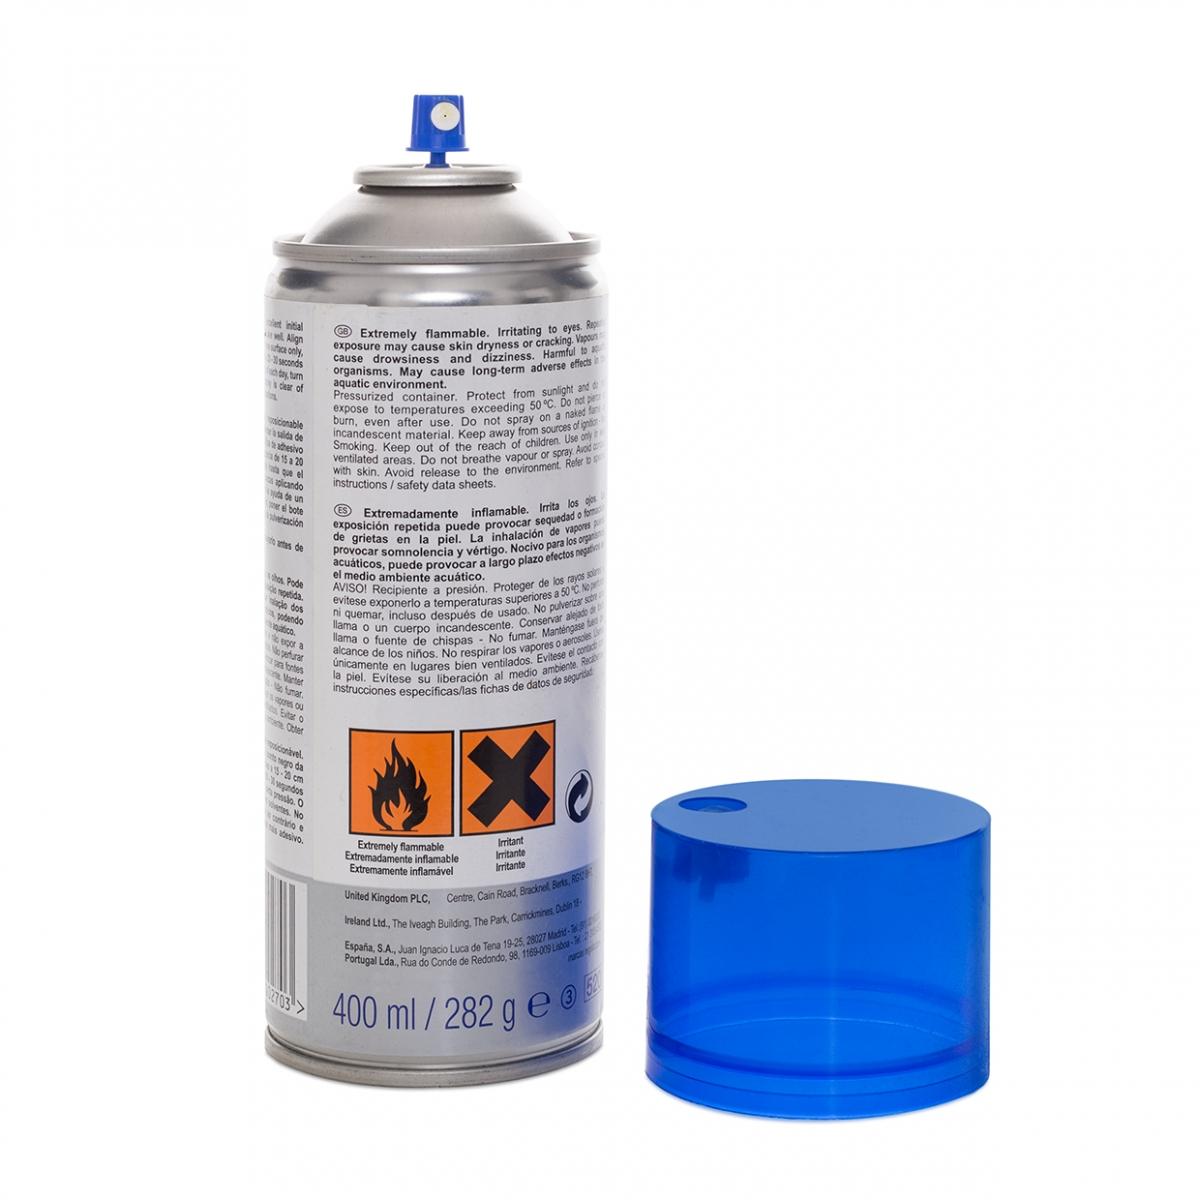 Imagen en la que se ve un spray